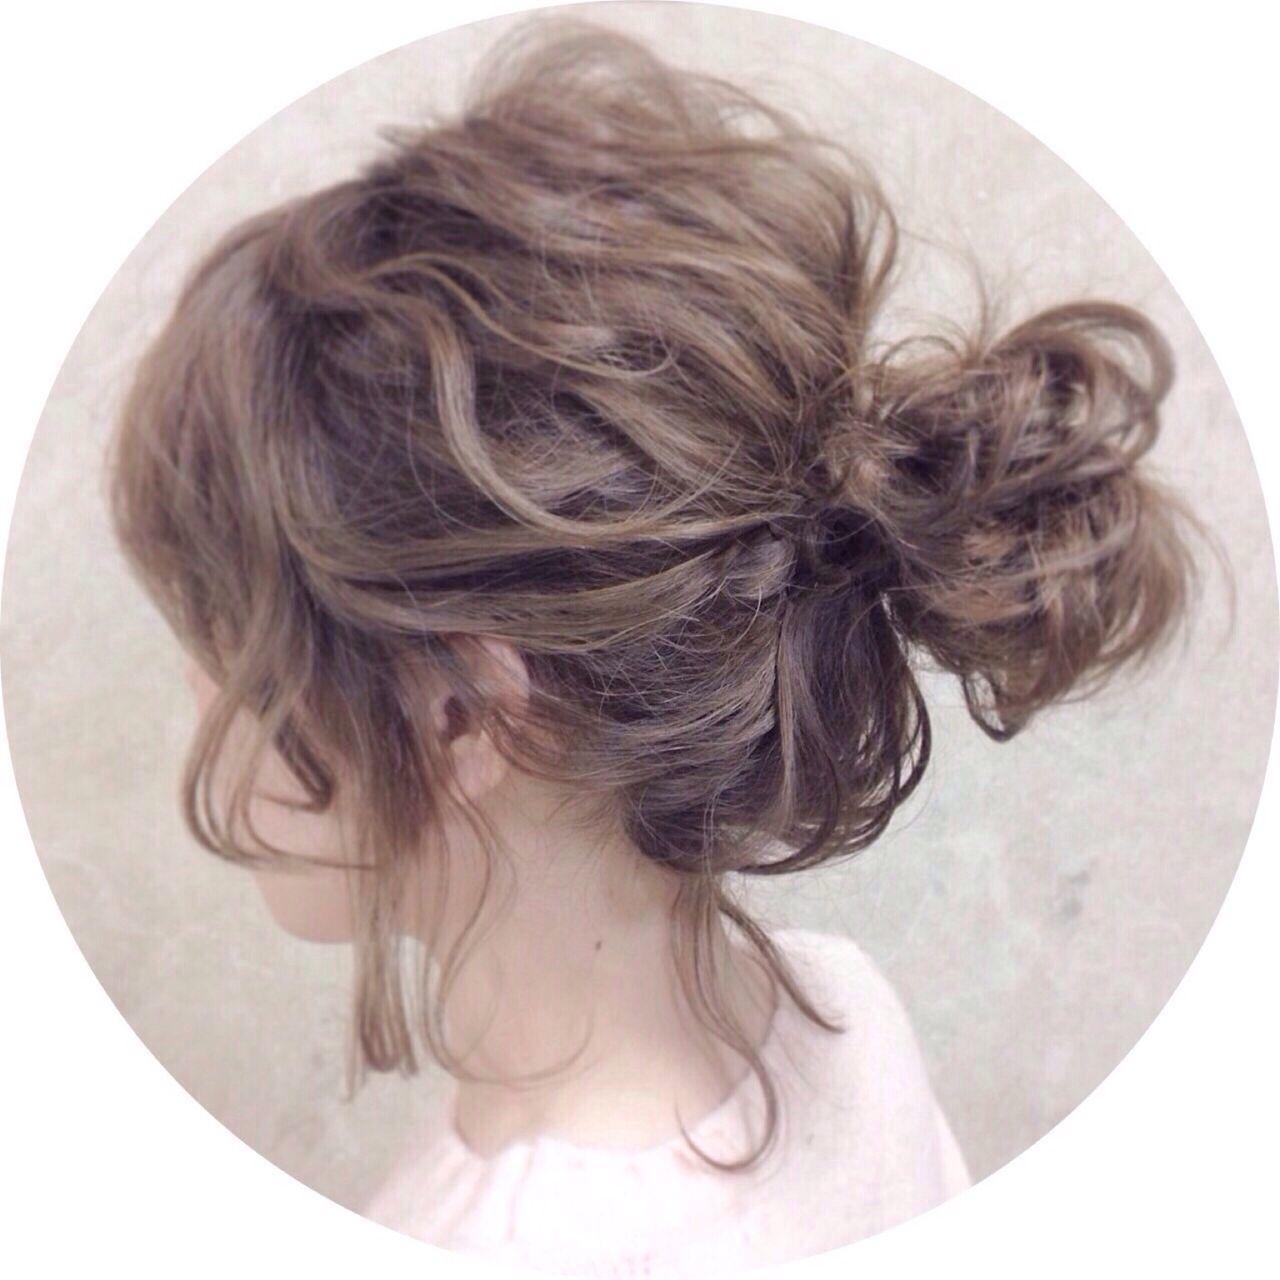 簡単ヘアアレンジ紹介ミディアム編。小顔へアやまとめ髪などの10枚目の画像